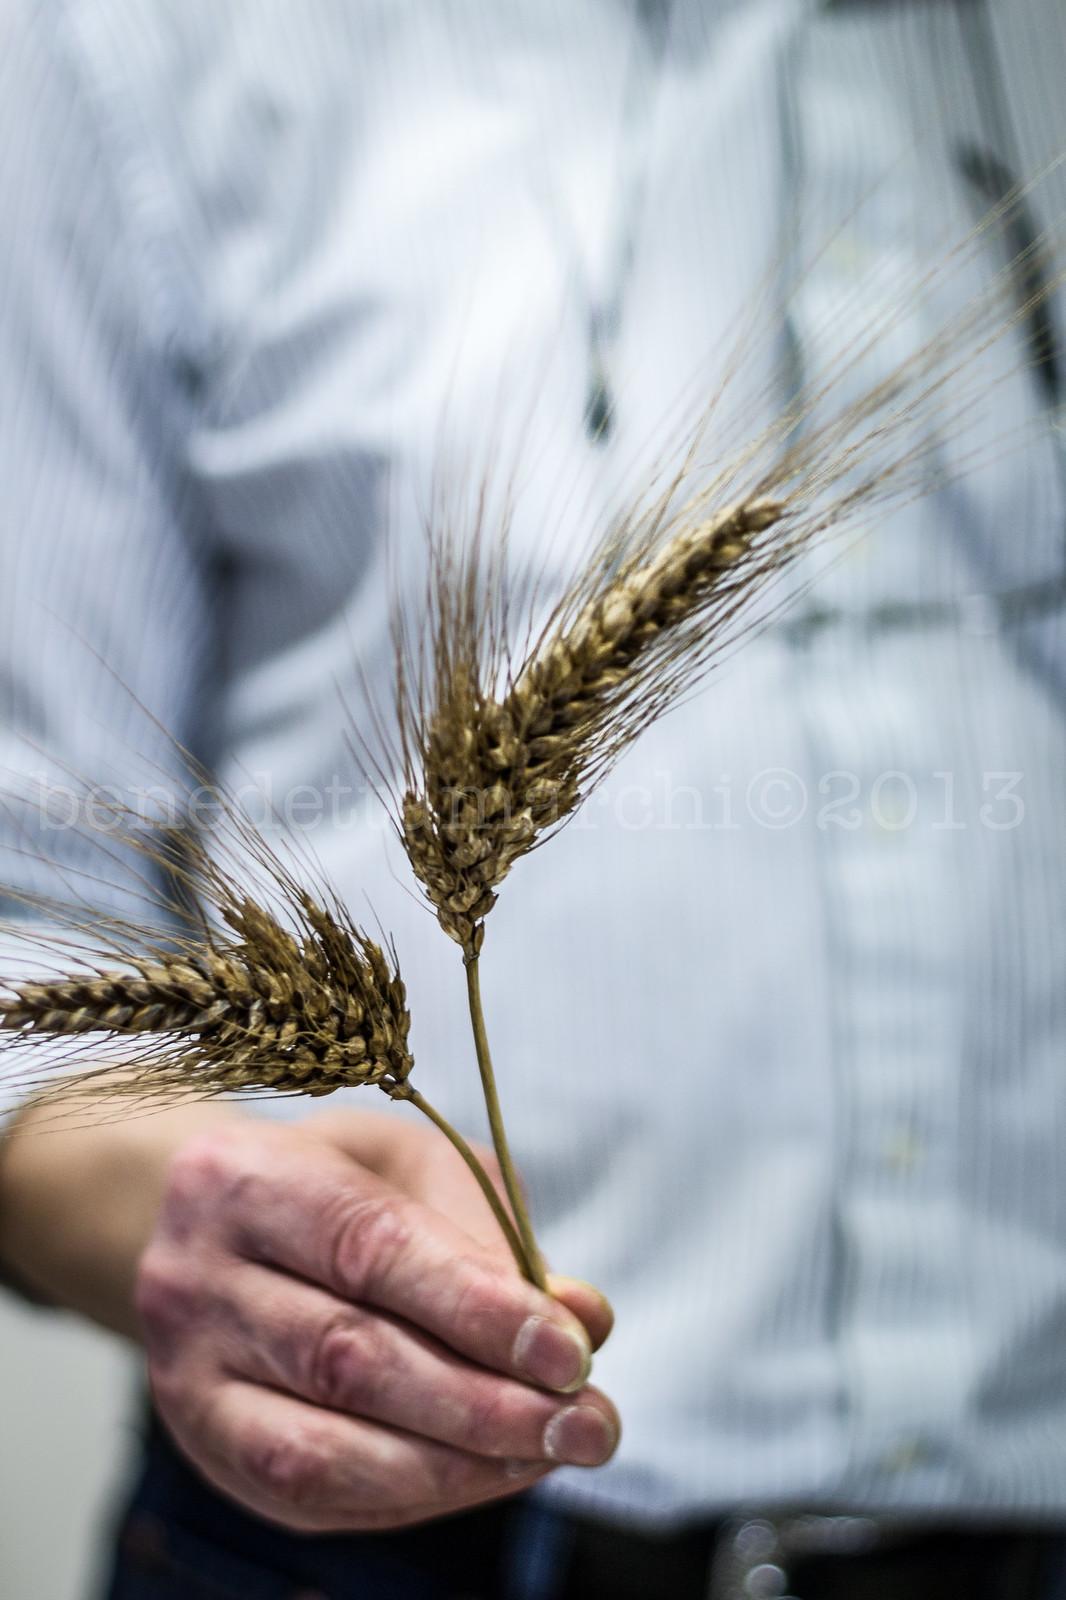 IMPASTANDOsIMPARA molino grassi grano del miracolo